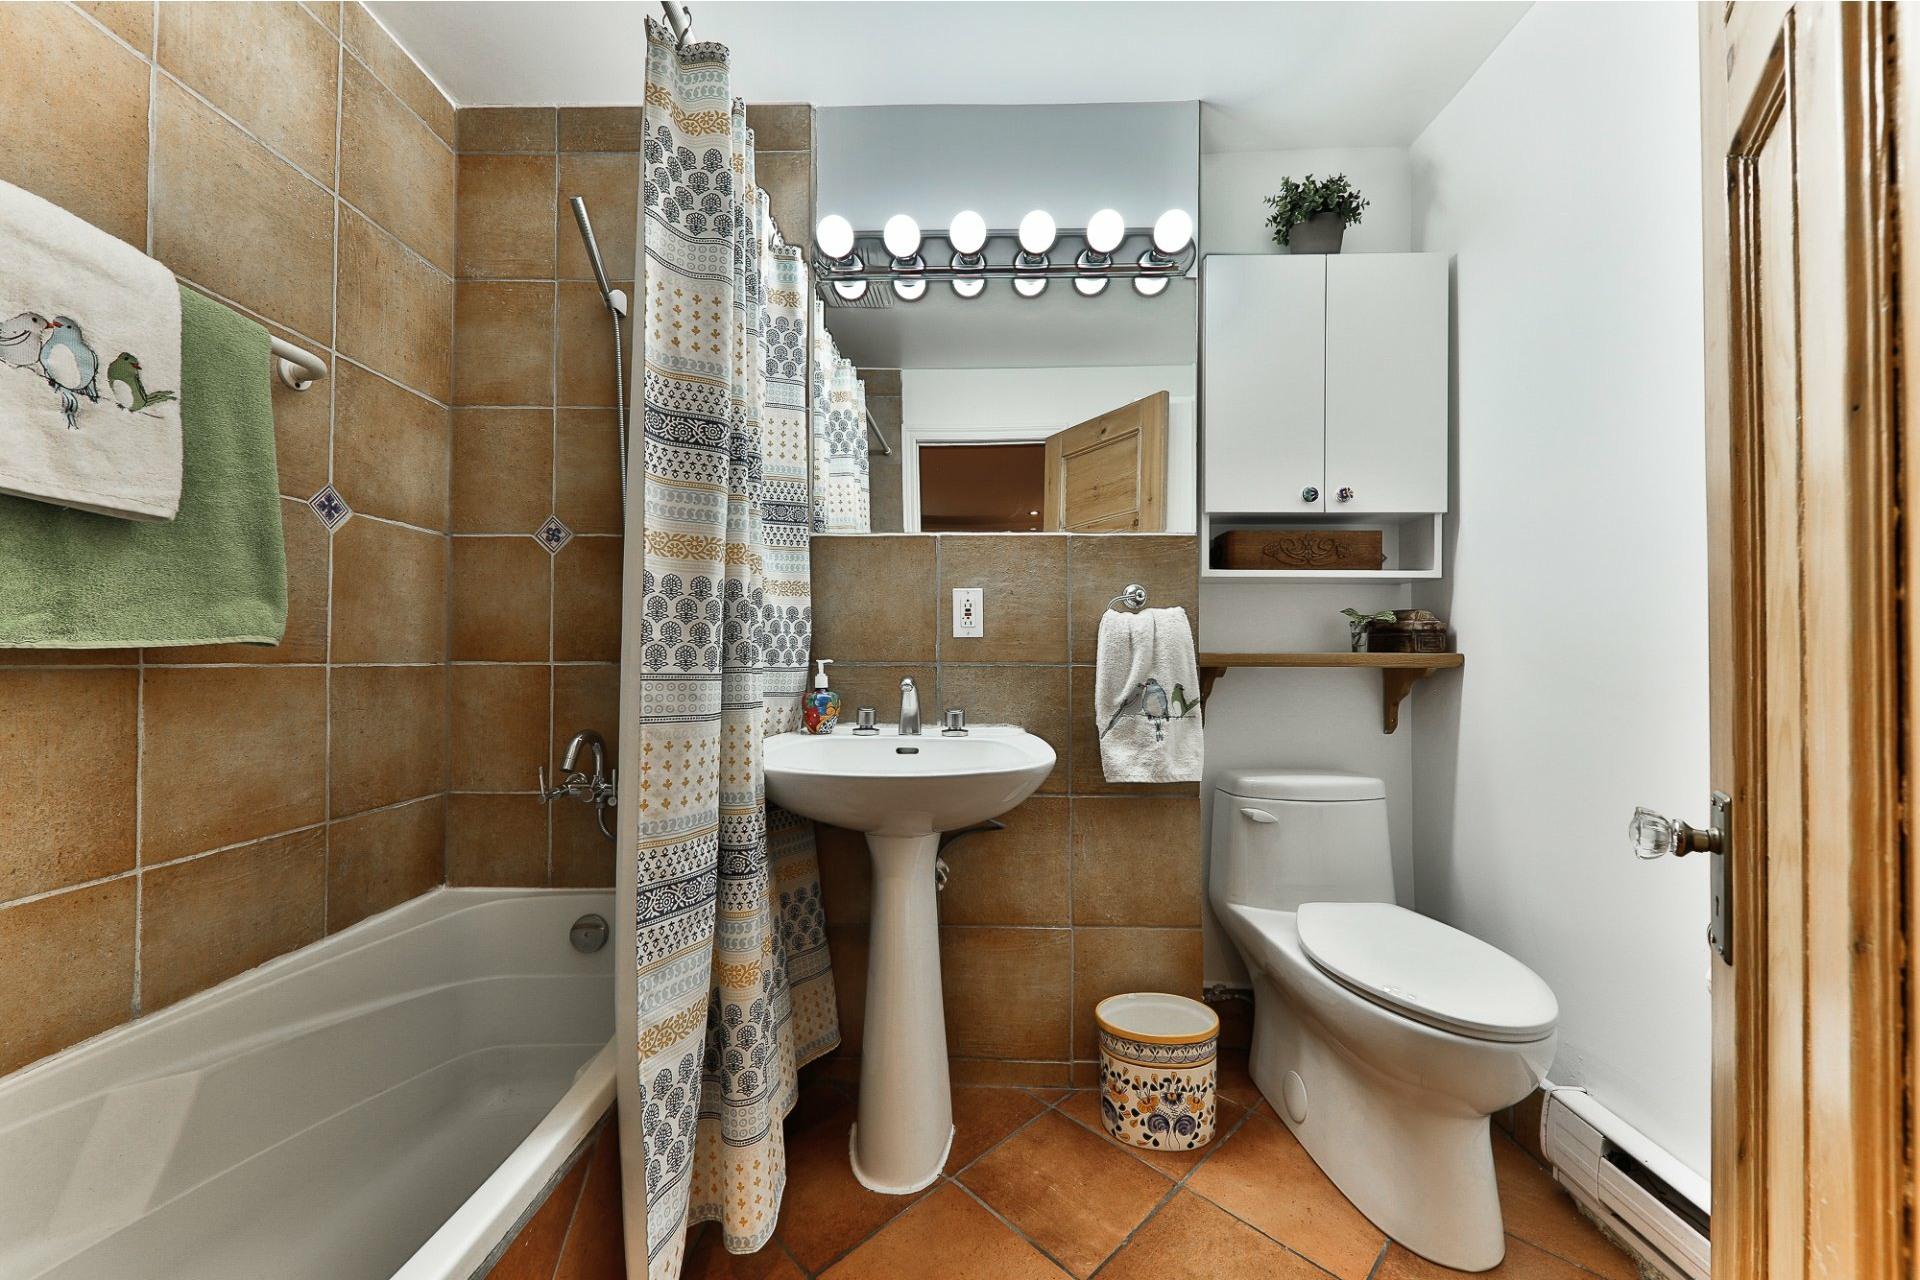 image 9 - Appartement À vendre Le Plateau-Mont-Royal Montréal  - 7 pièces